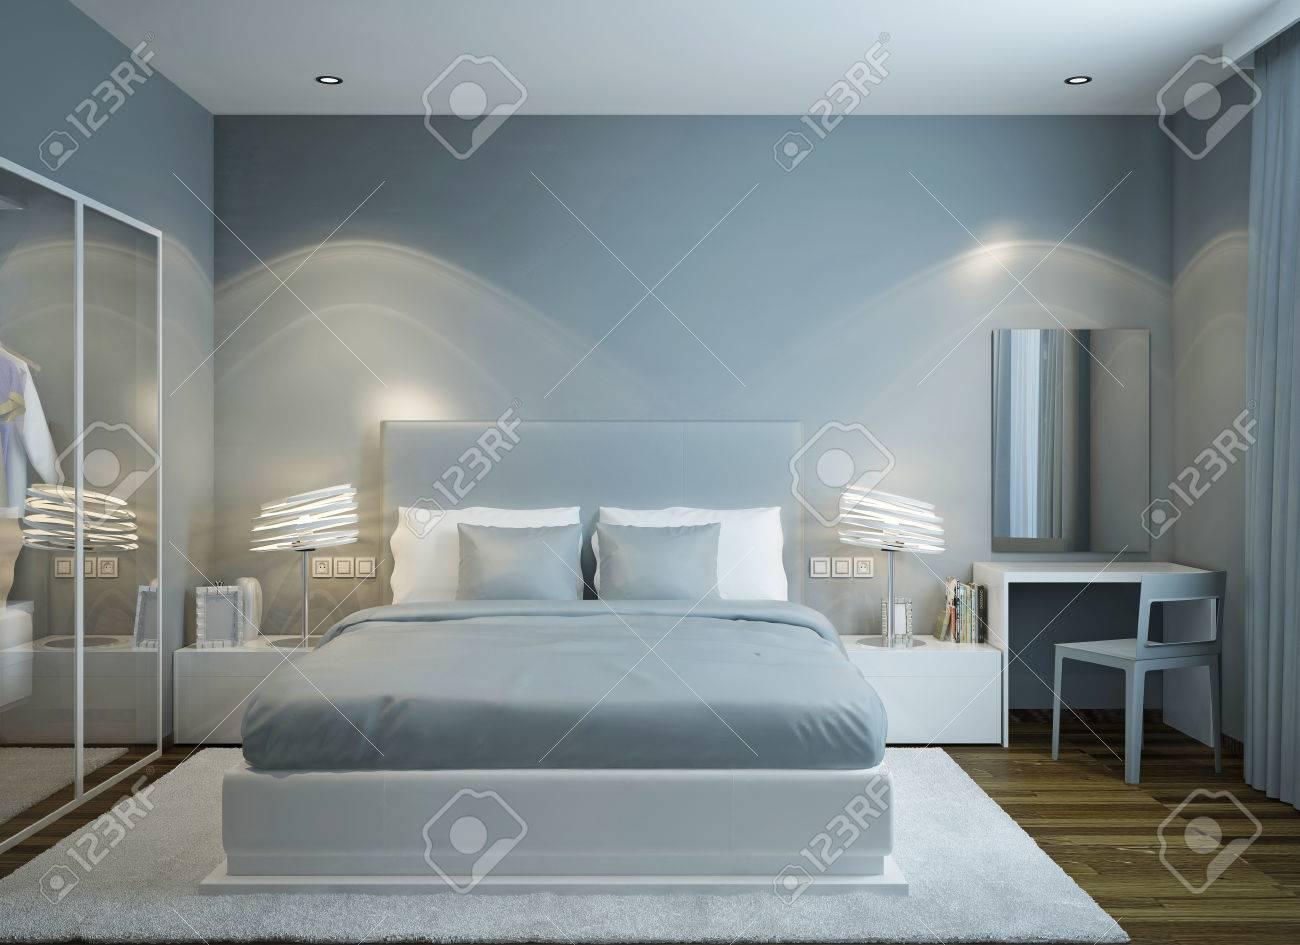 Haupt-Schlafzimmer Im Skandinavischen Stil. 3D übertragen ...